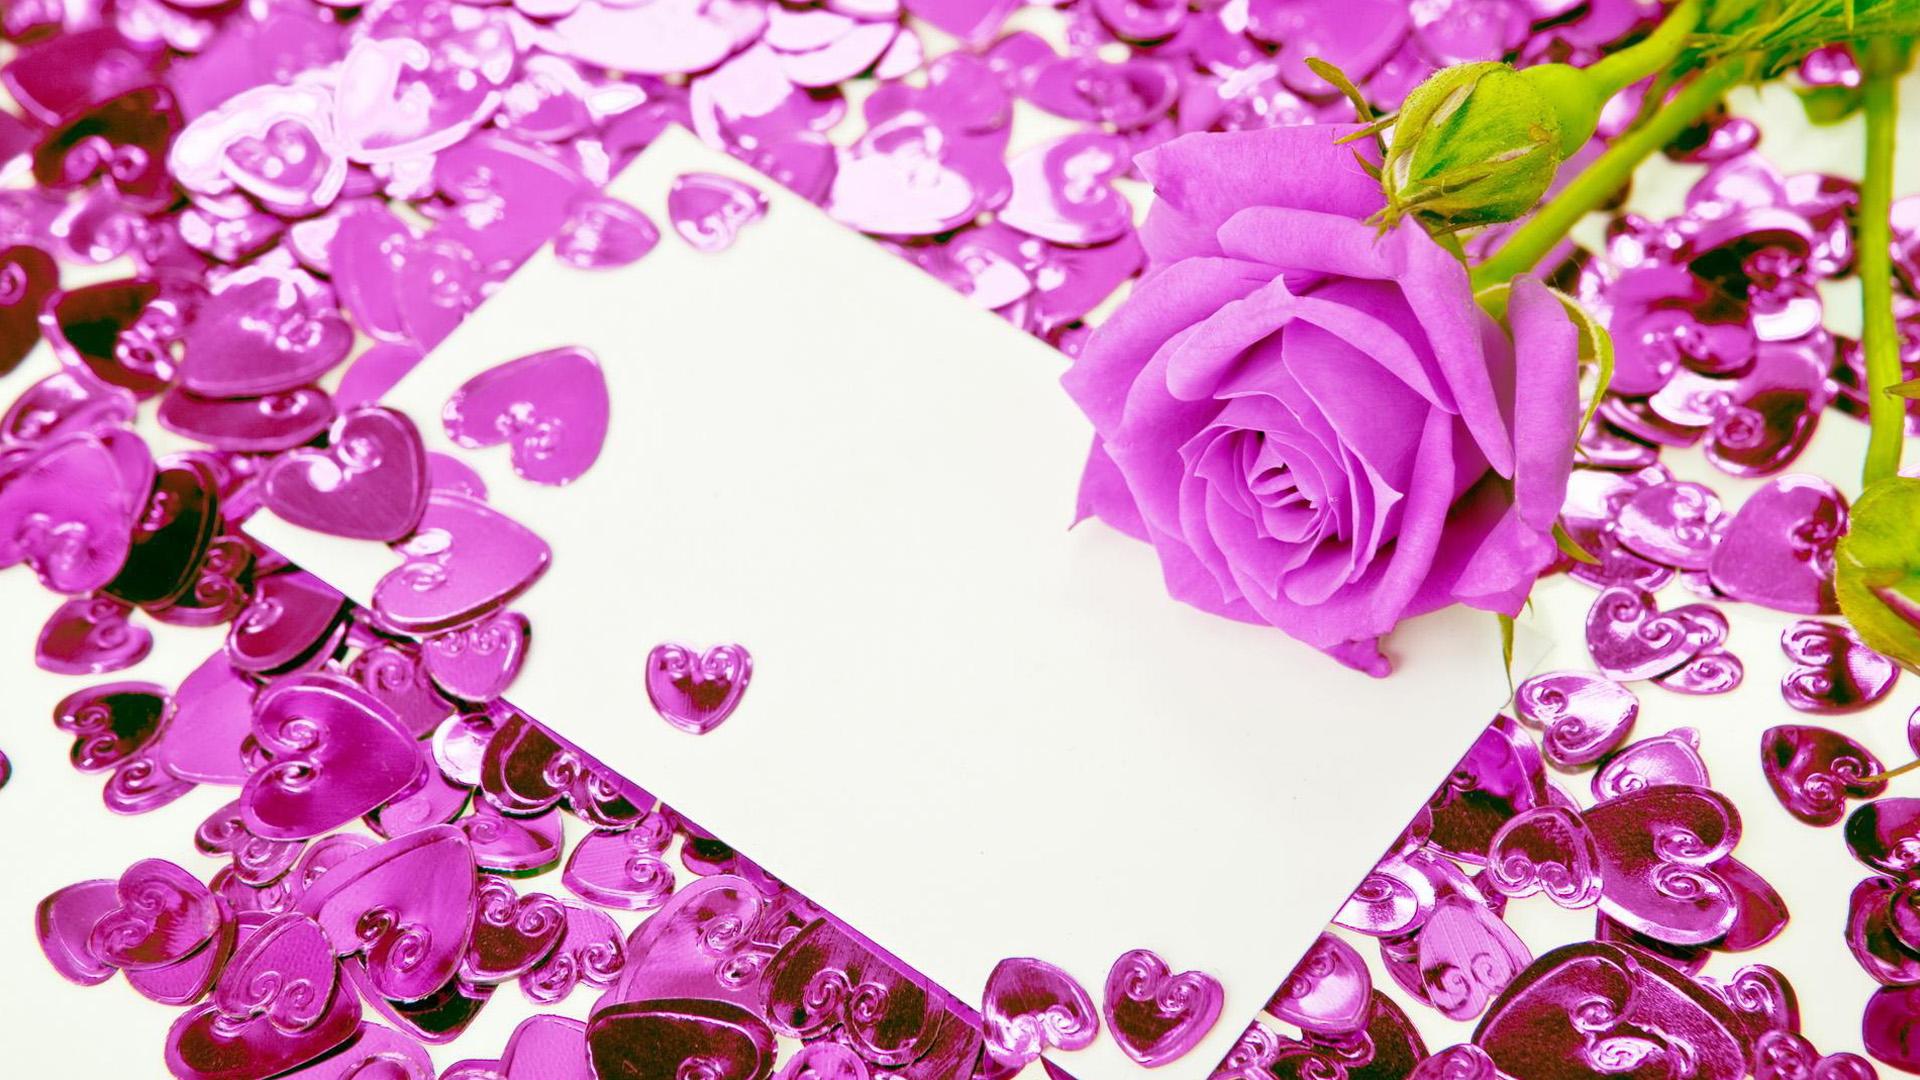 Wallpaper Love Rose 1920x1080